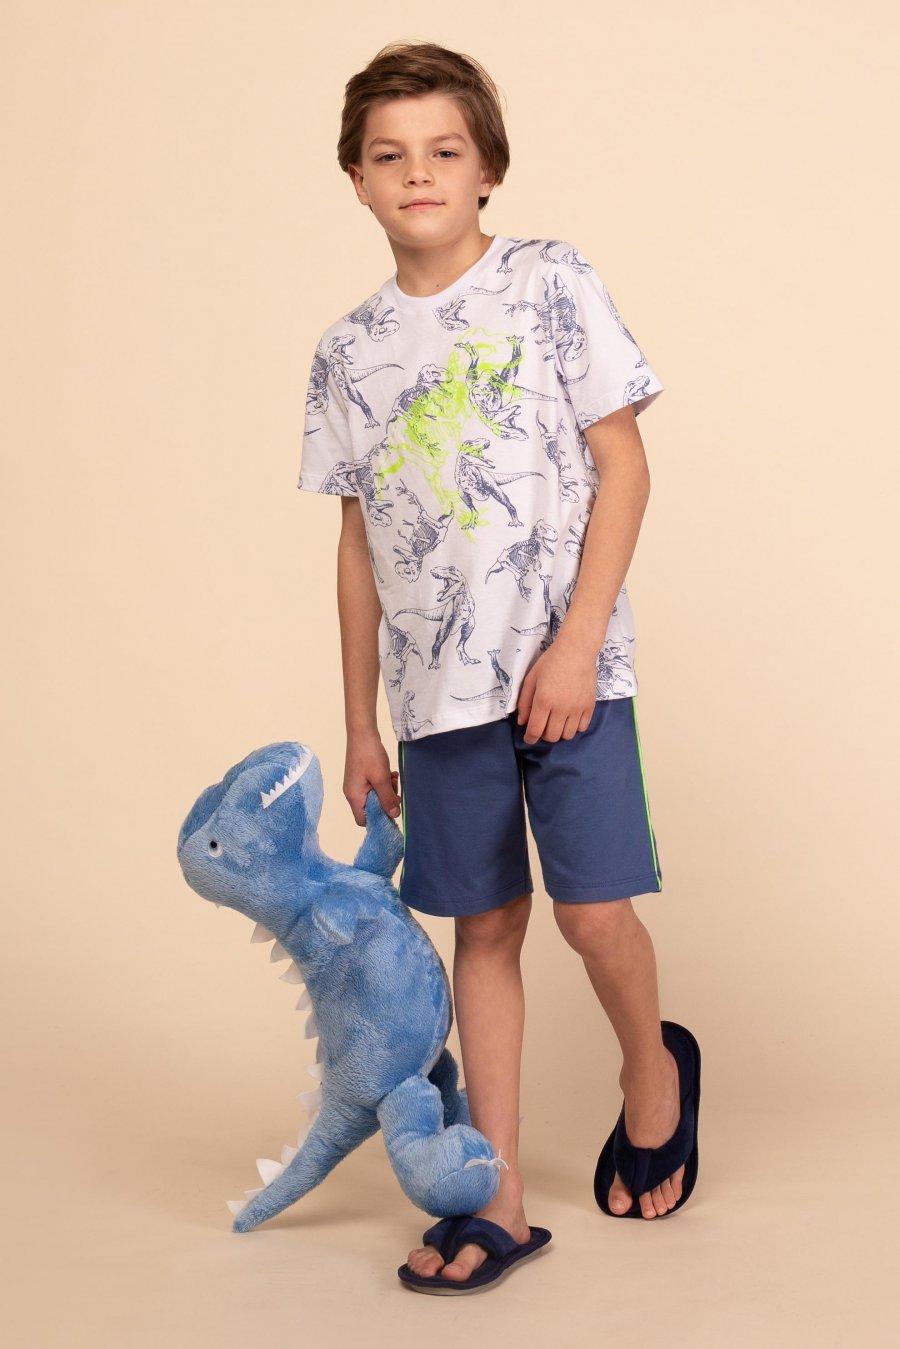 Pijama Infantil 100% Algodão Dinossauro Happy Moments Verão 2021